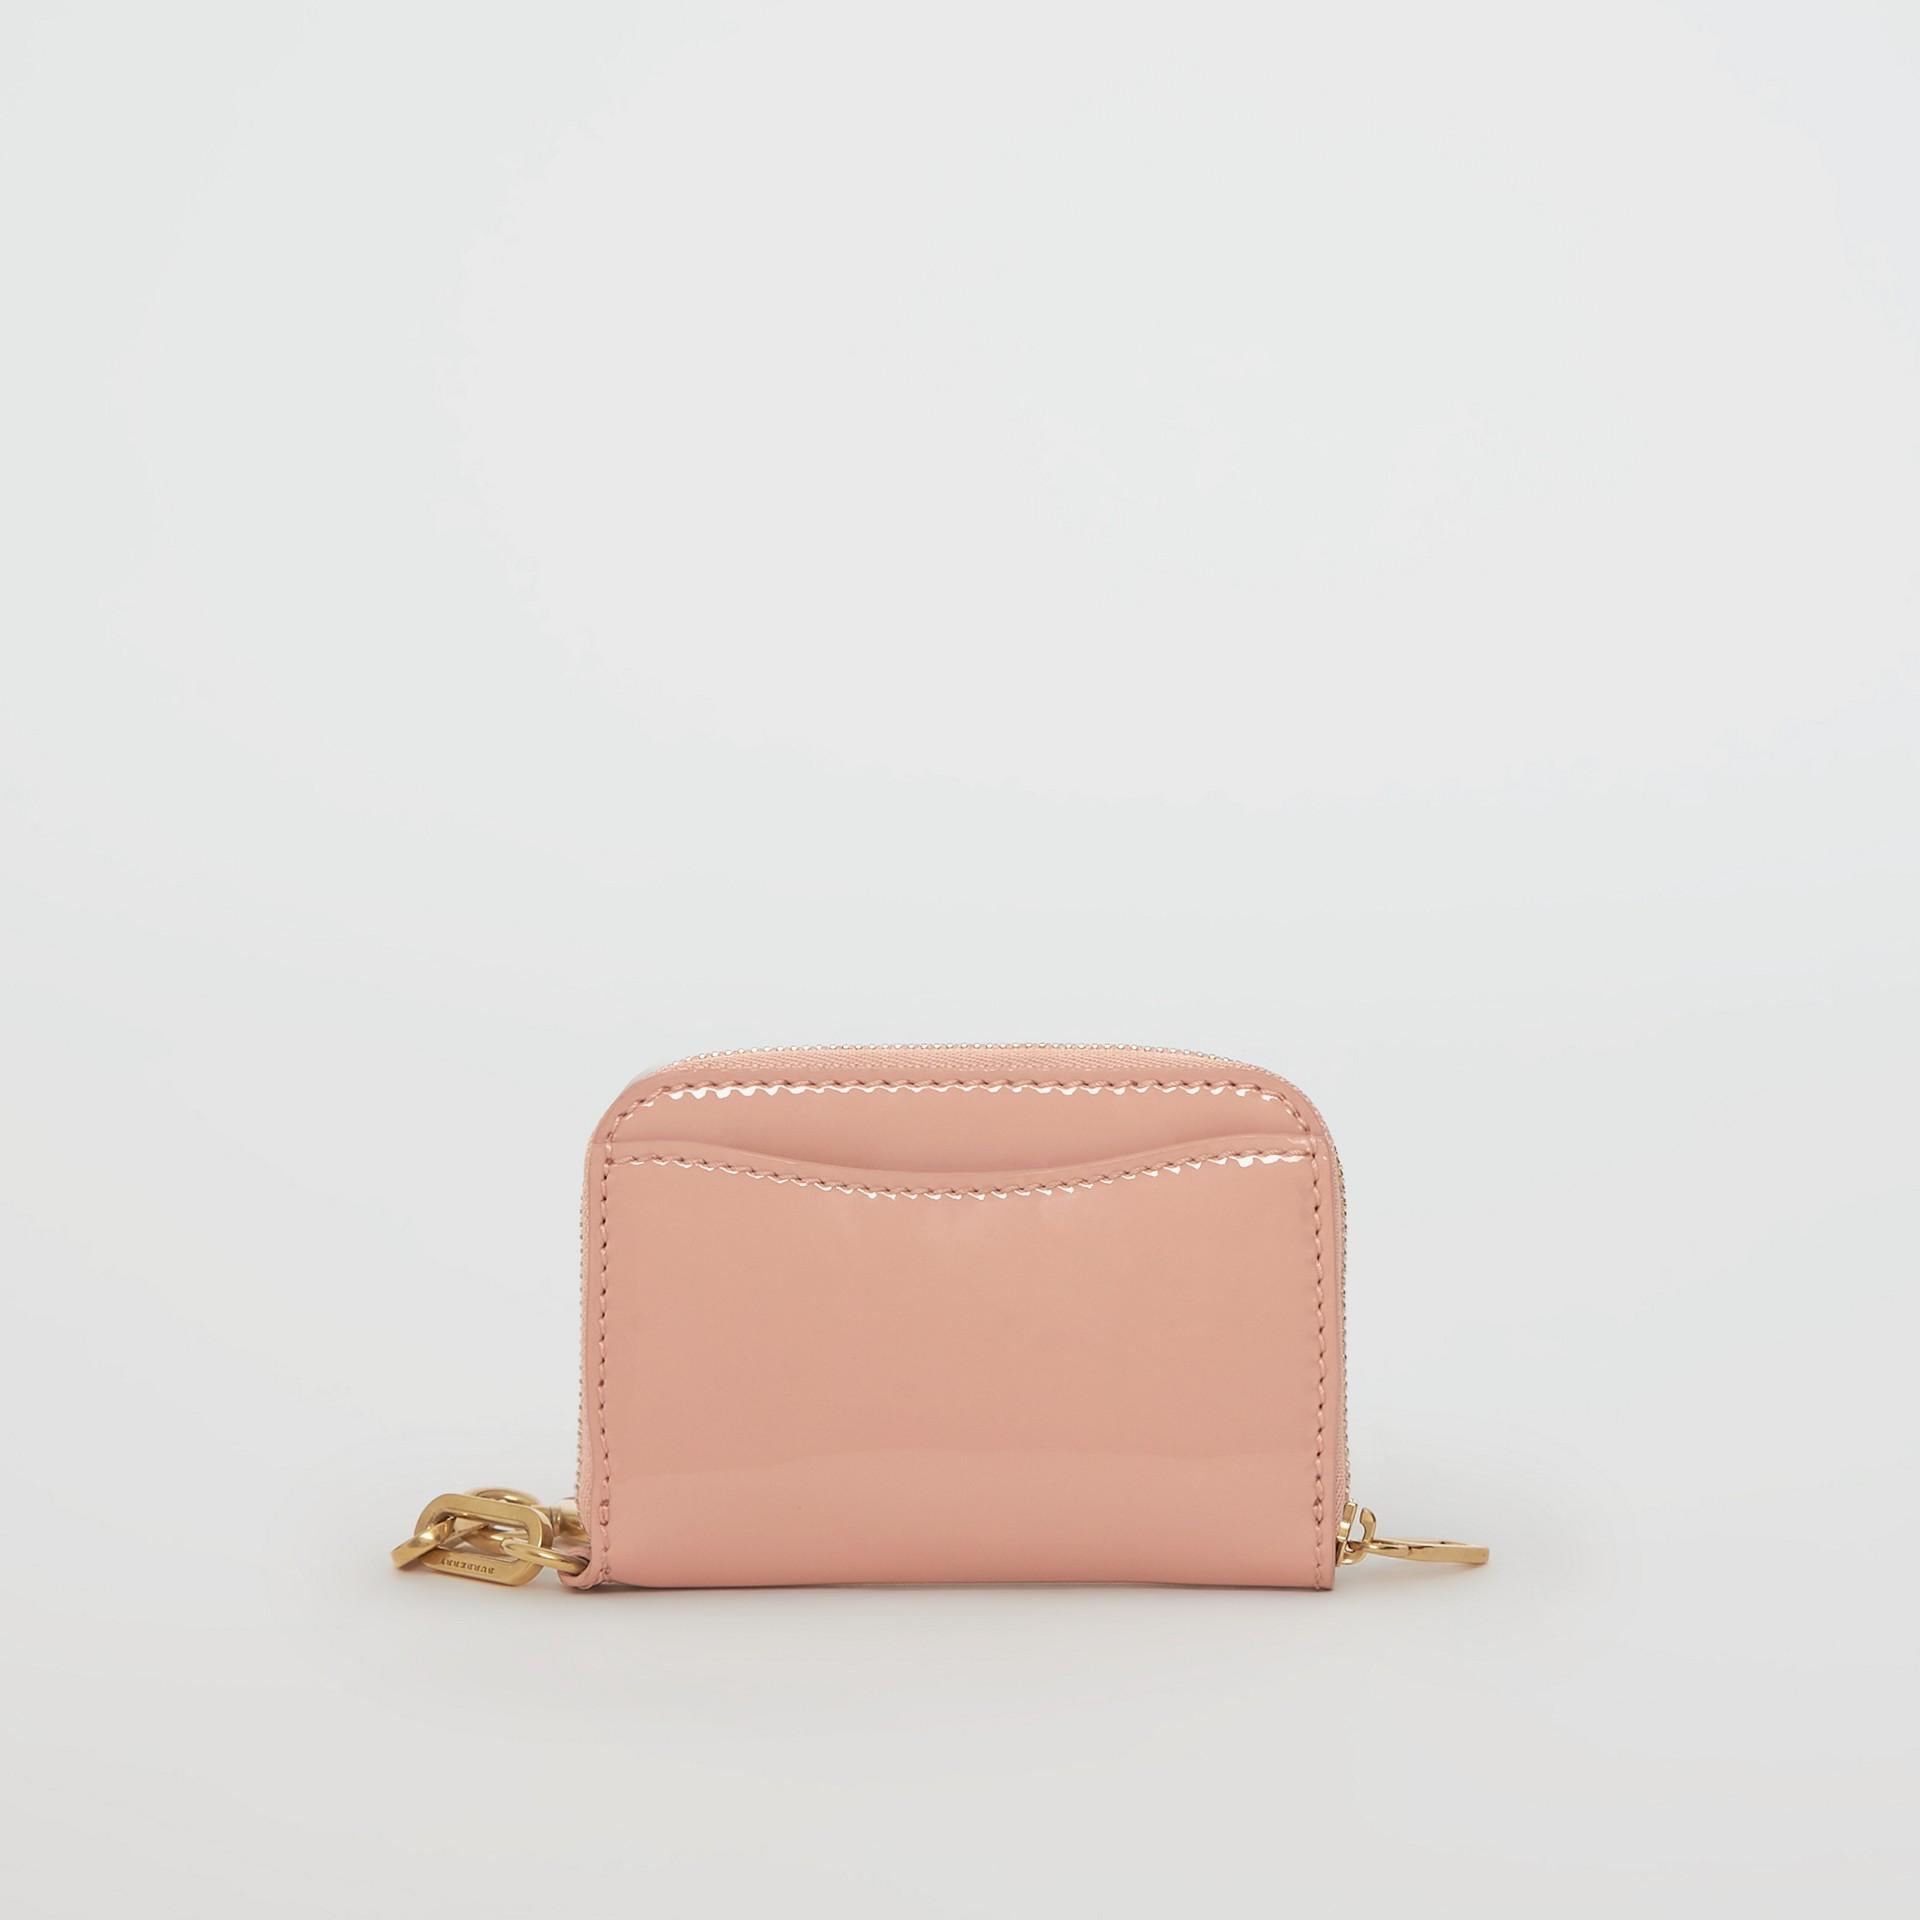 Кожаный бумажник из кожи с цепочкой (Бледный Бежево-розовый) - Для женщин | Burberry - изображение 5